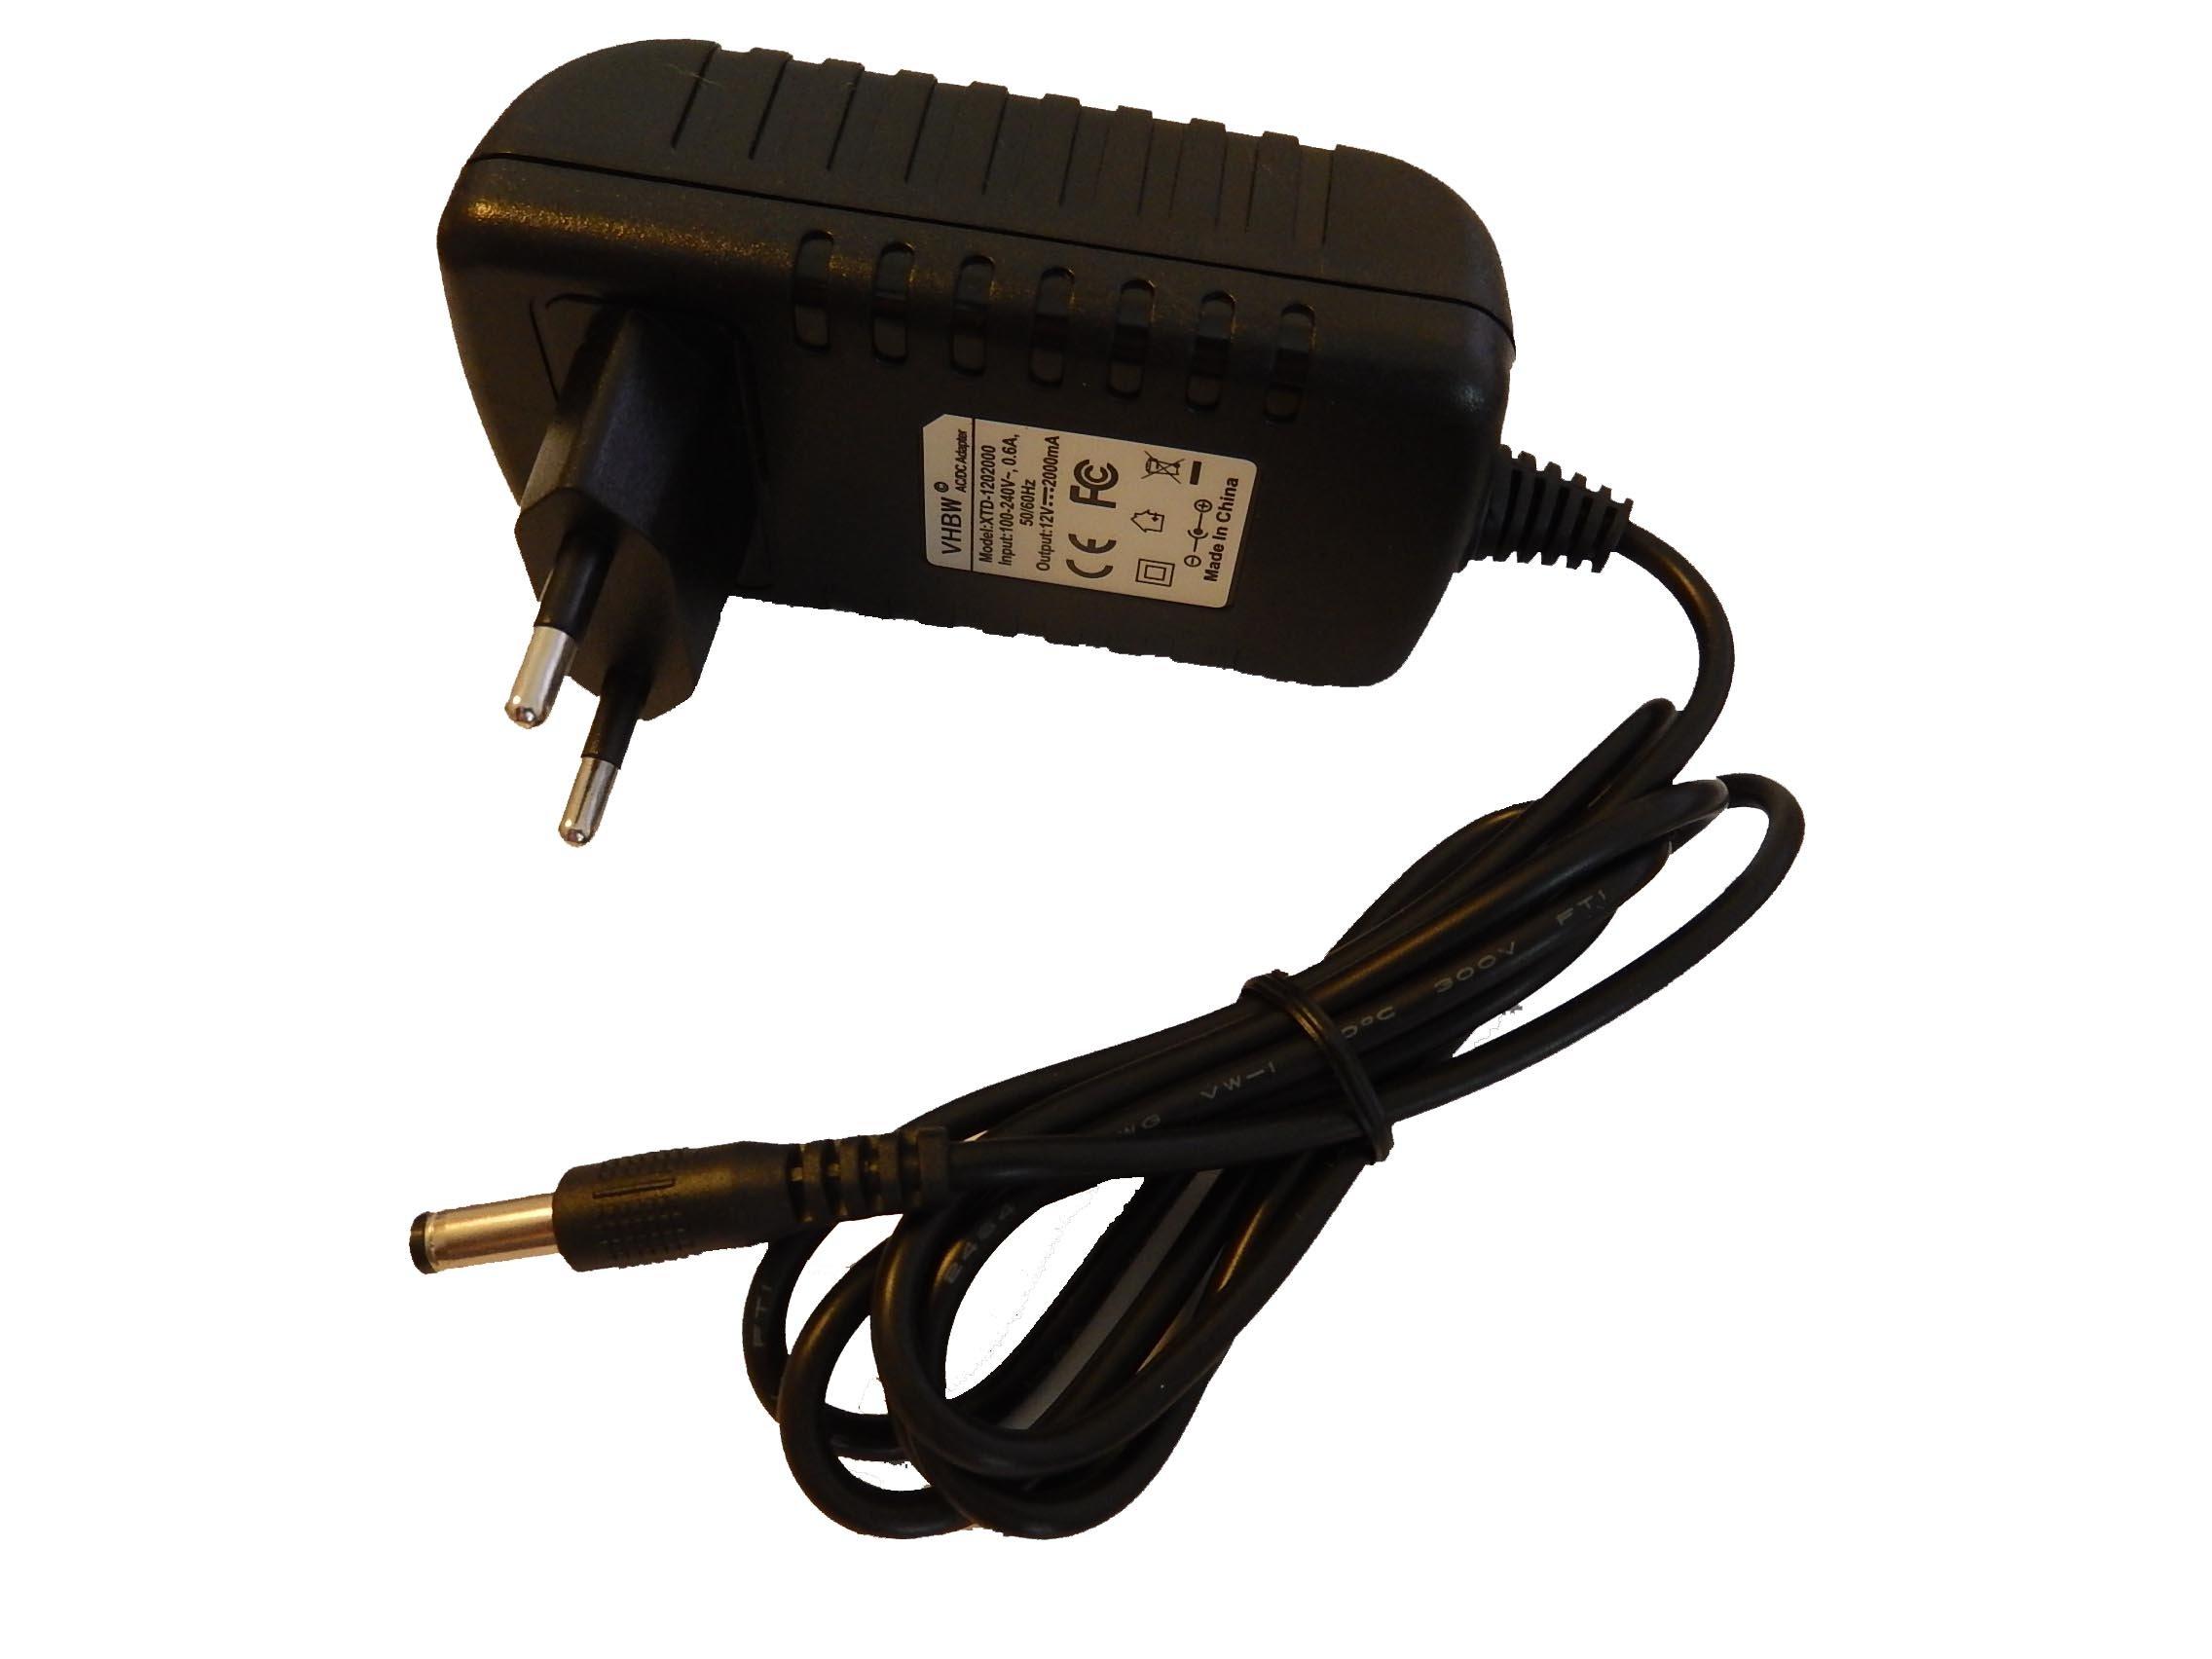 NETGEAR WNA3100M-100PES Wireless N300 USB Mini Adapater | Amazon